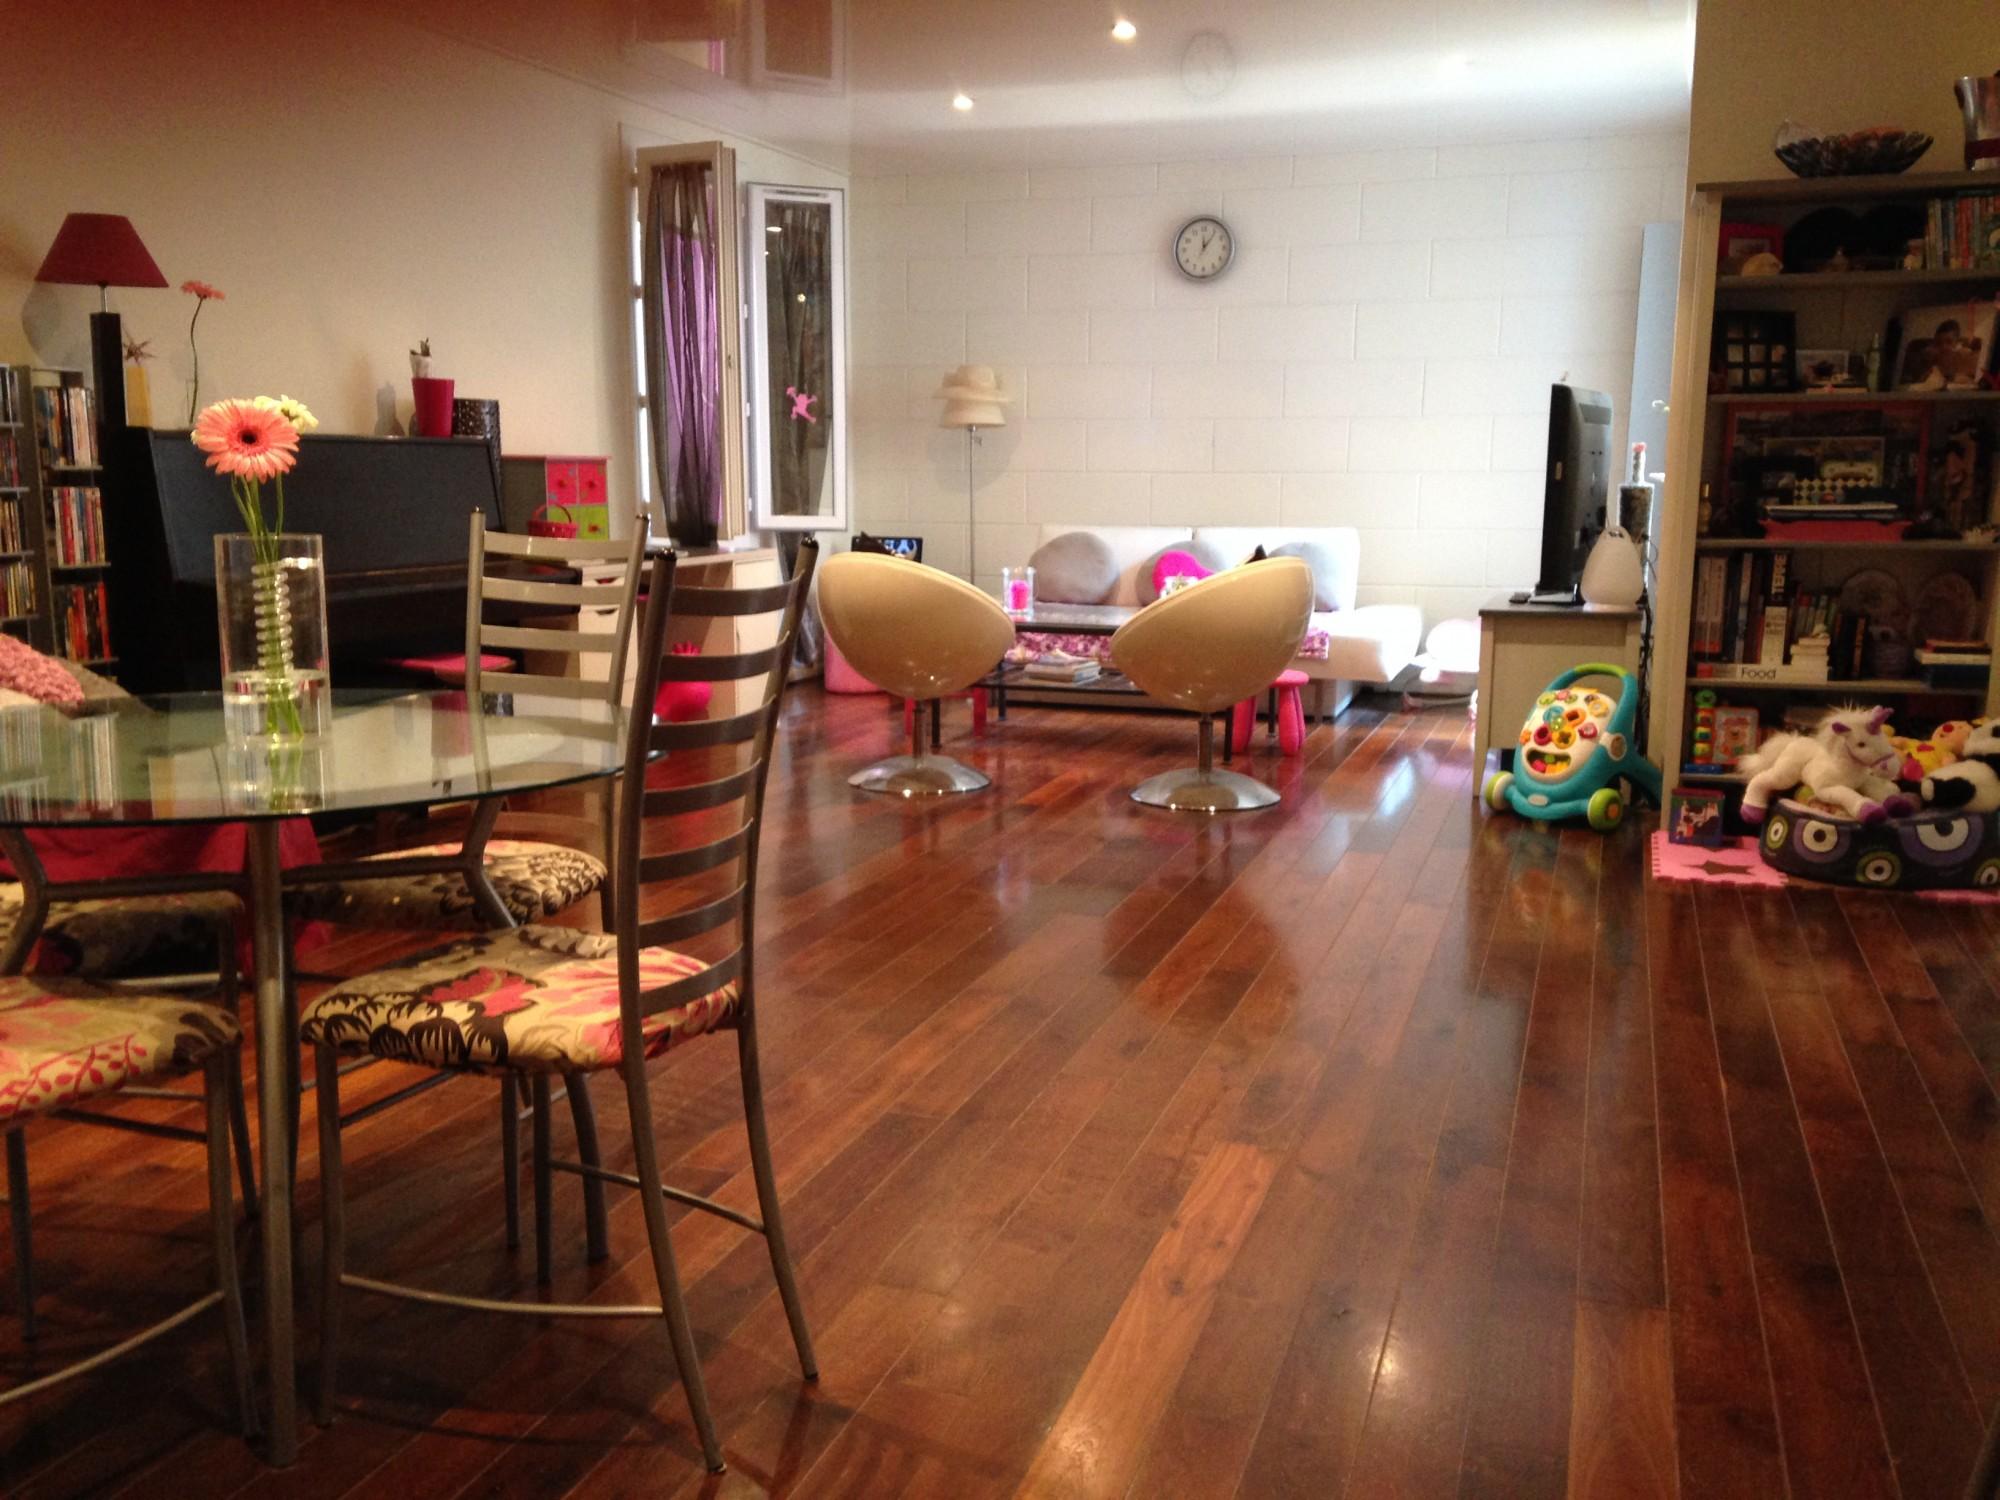 Vente Appartement T2/3 -13007 - Quartier St Victor - Esprit loft, grand séjour, cuisne équipée ...